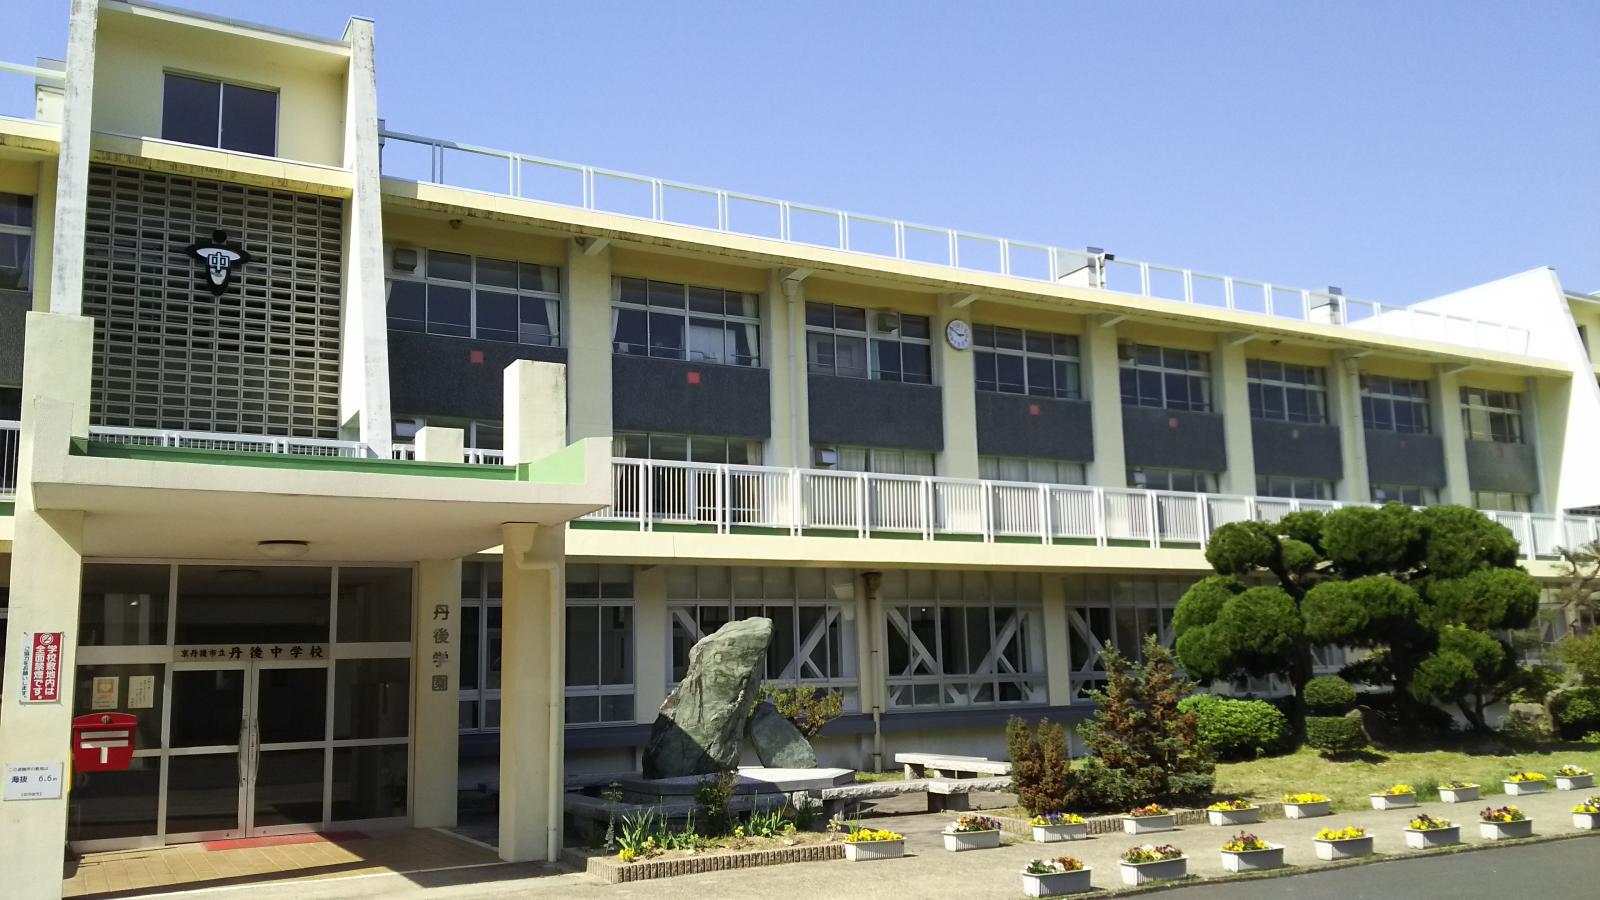 ホームページ 網野 高校